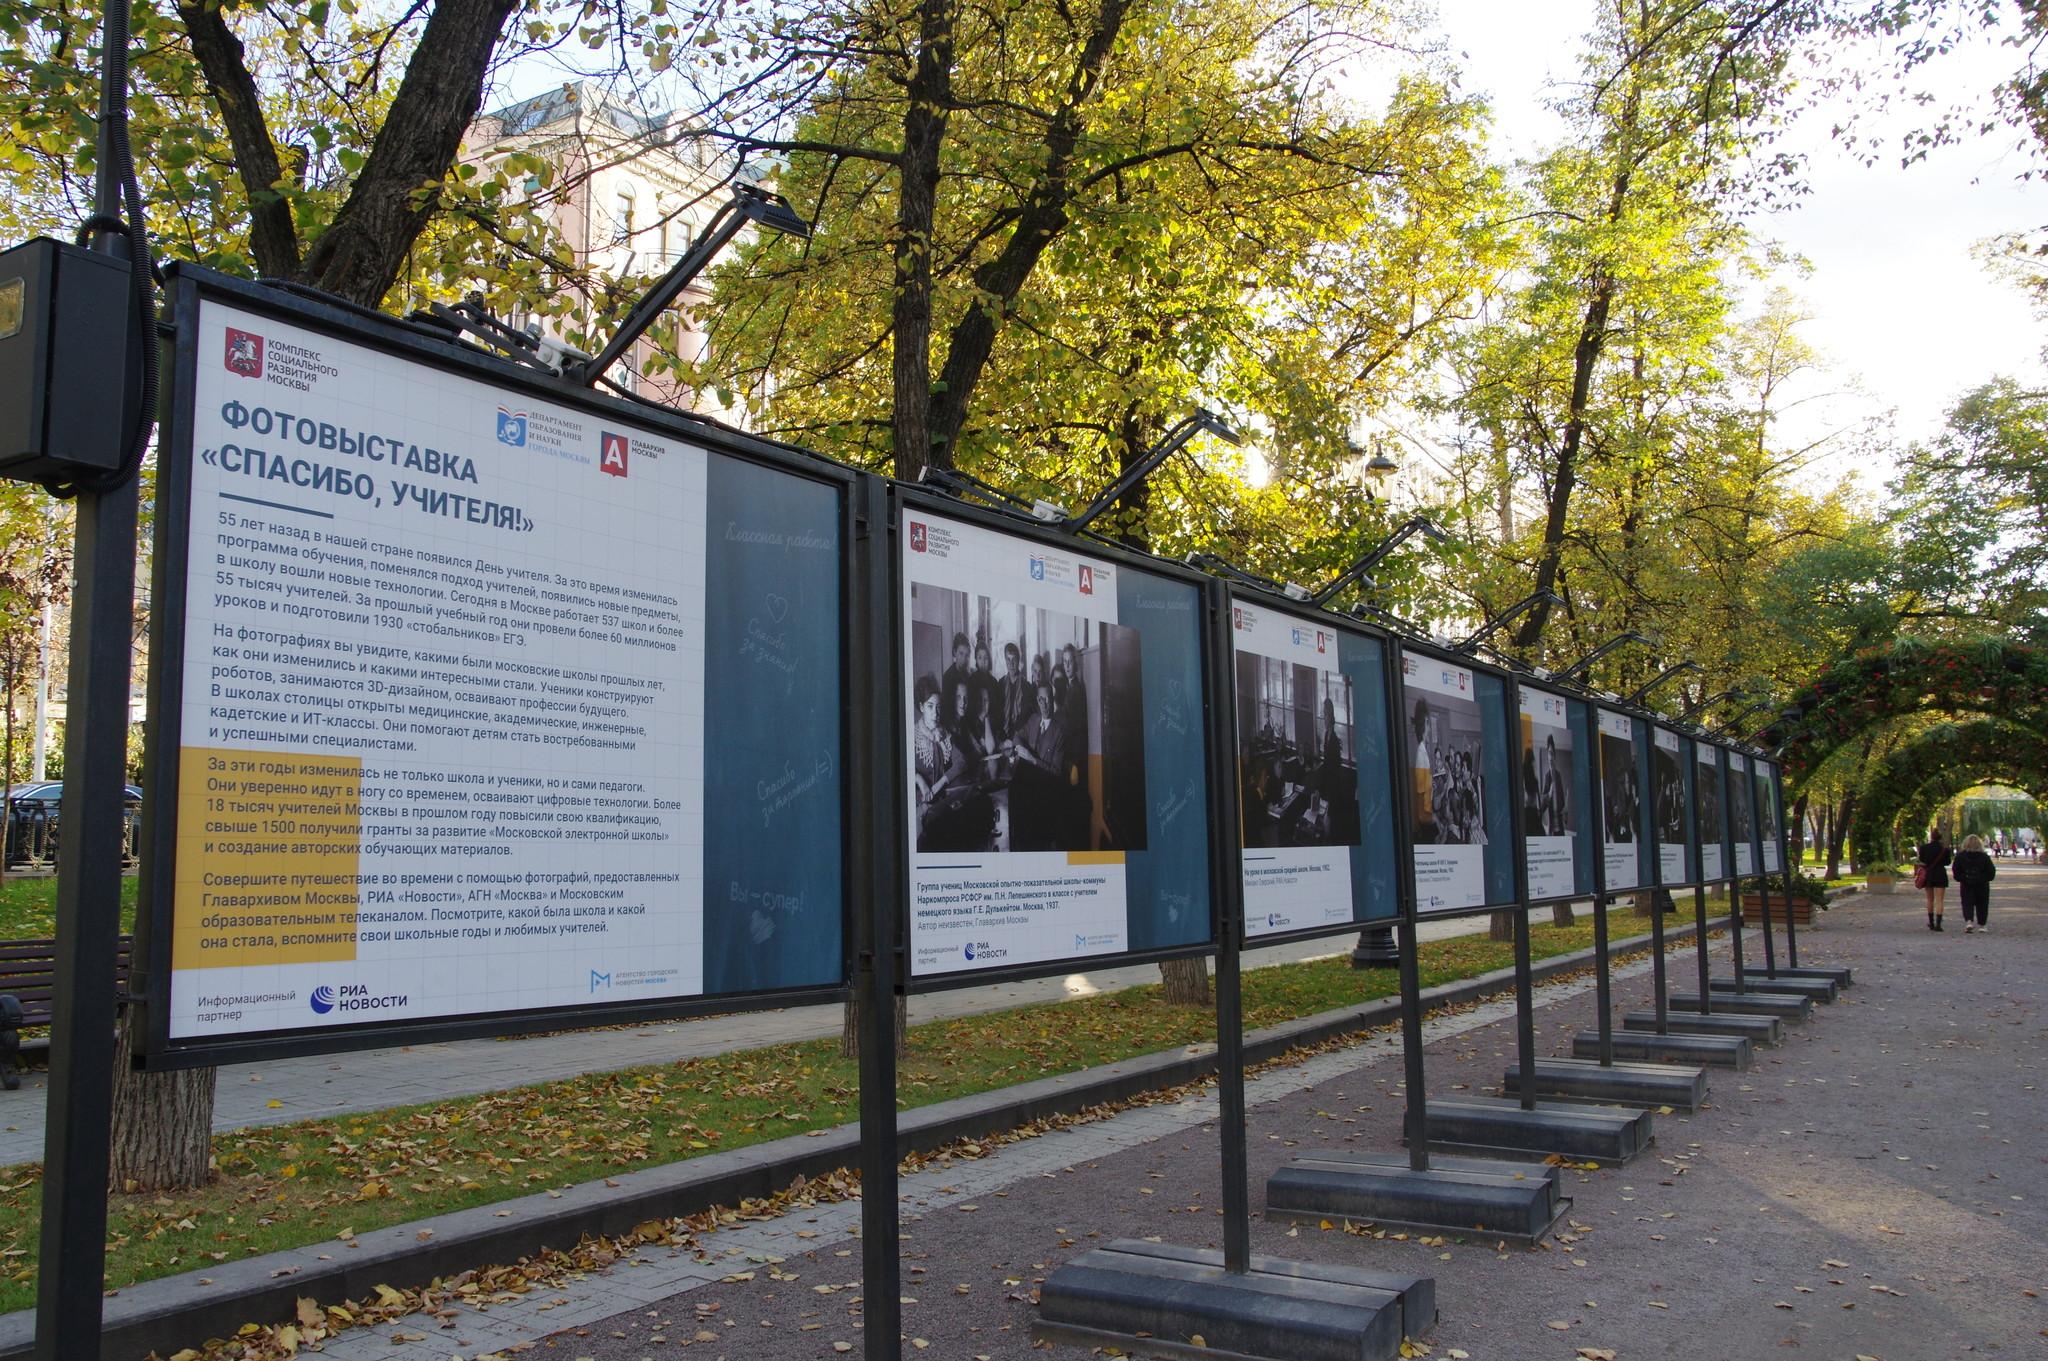 Фотовыставка «Спасибо, учителя!» на Тверском бульваре